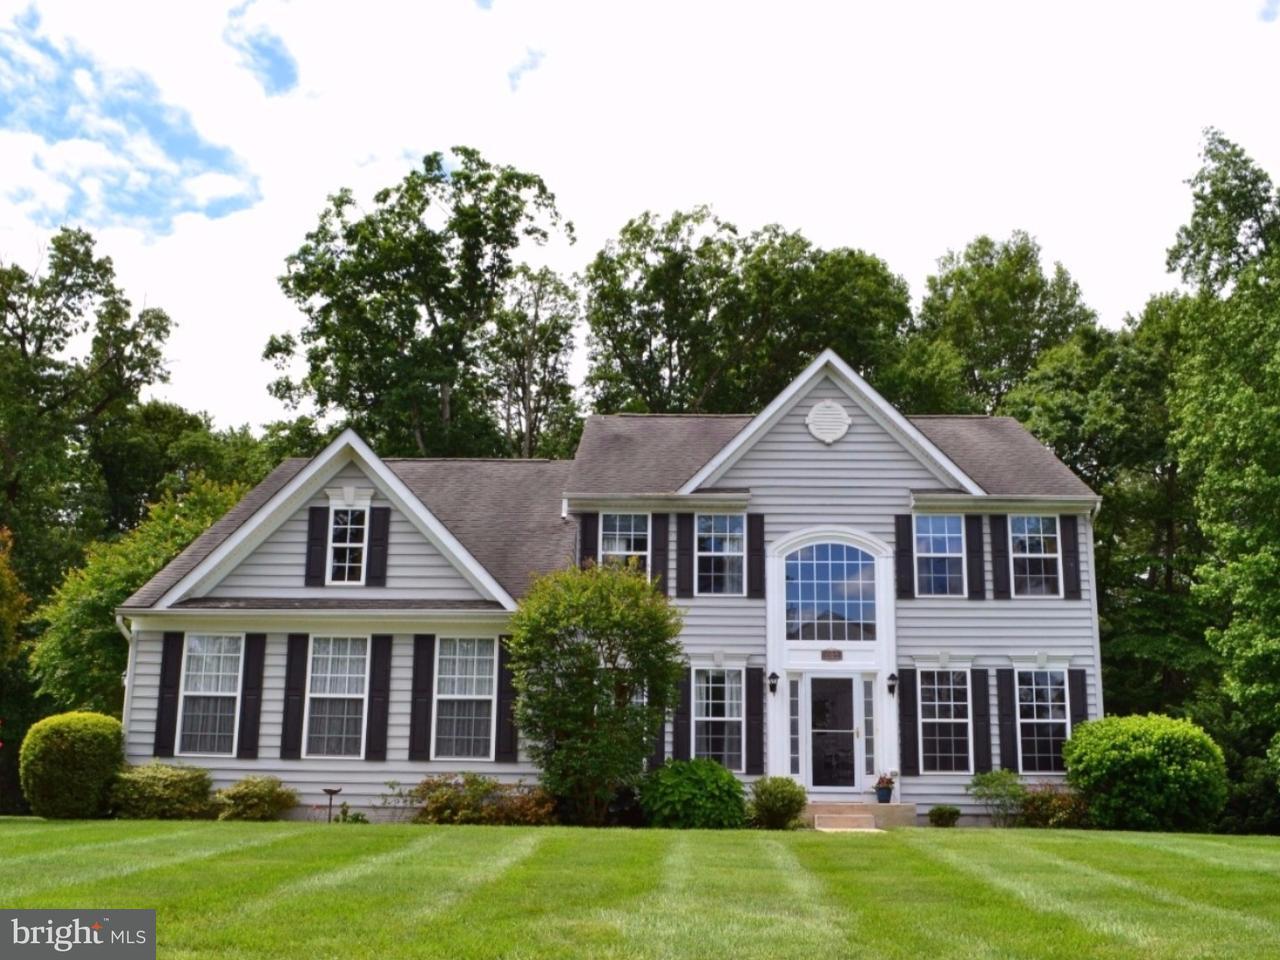 独户住宅 为 销售 在 468 OTTER WAY Frederica, 特拉华州 19946 美国